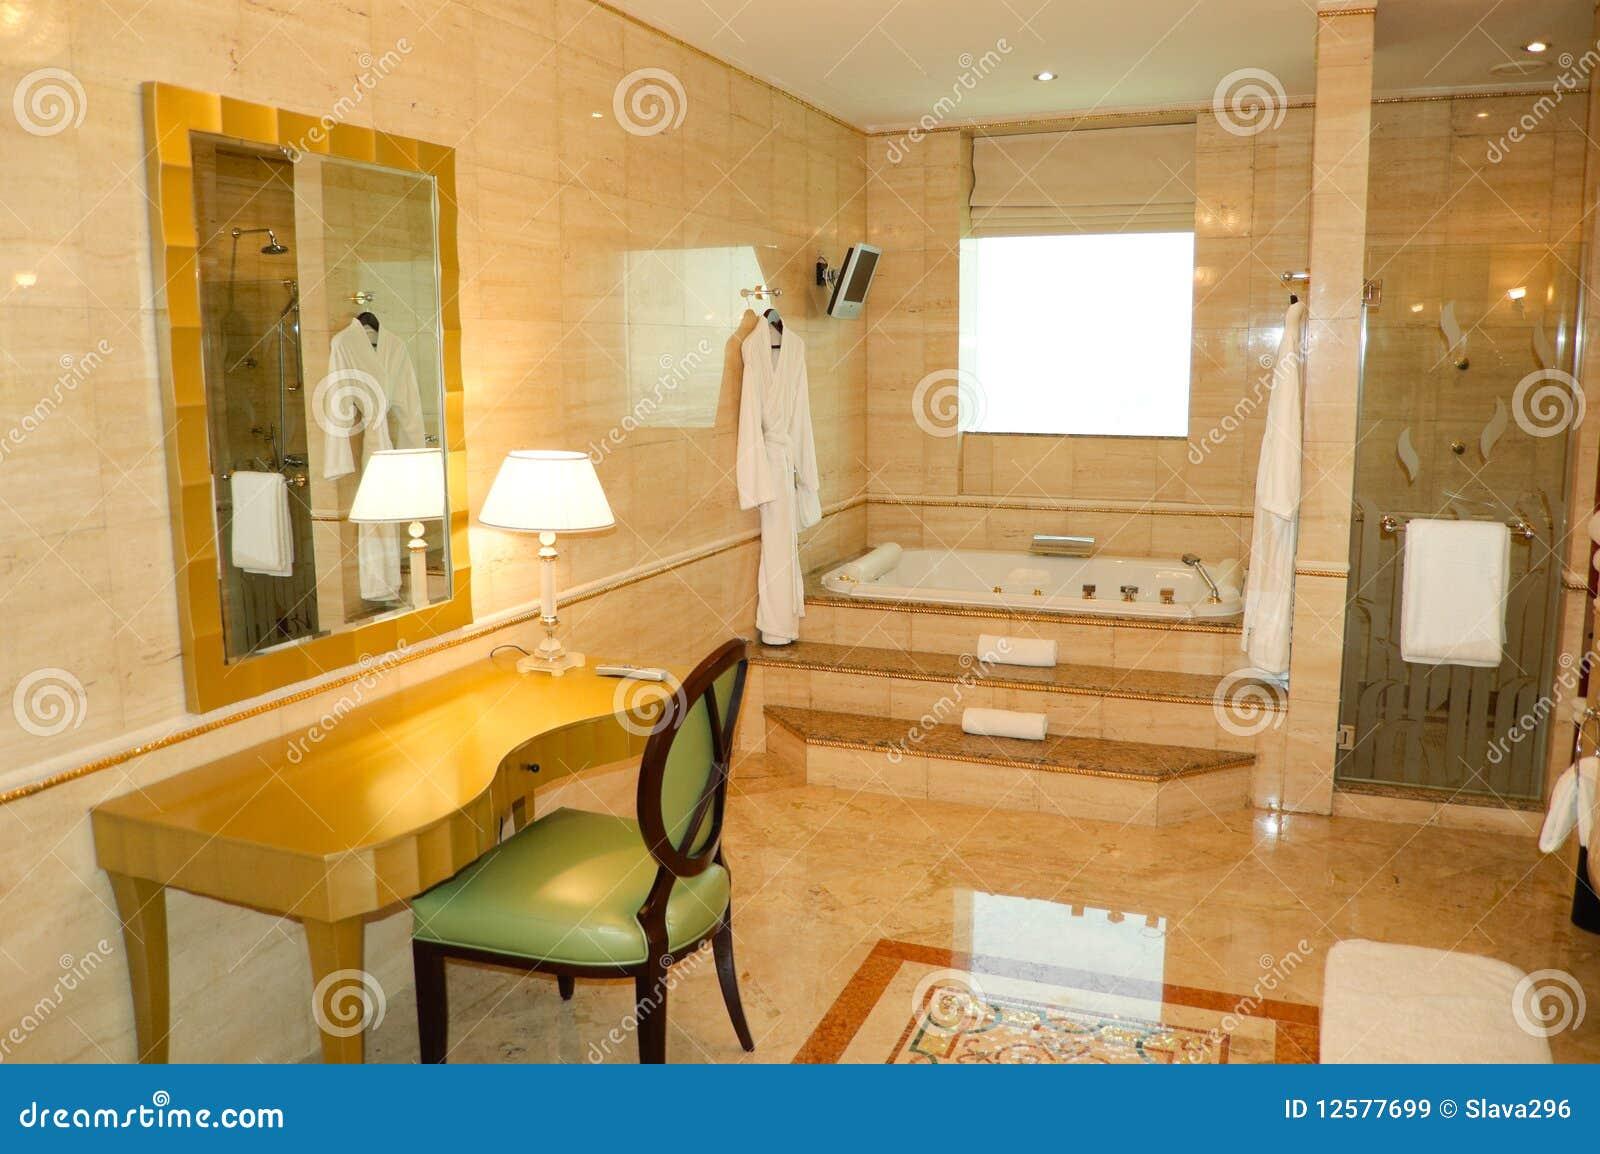 Banheiro No Hotel De Luxo Imagens de Stock Royalty Free Imagem  #C18B0A 1300x954 Banheiro Container De Luxo